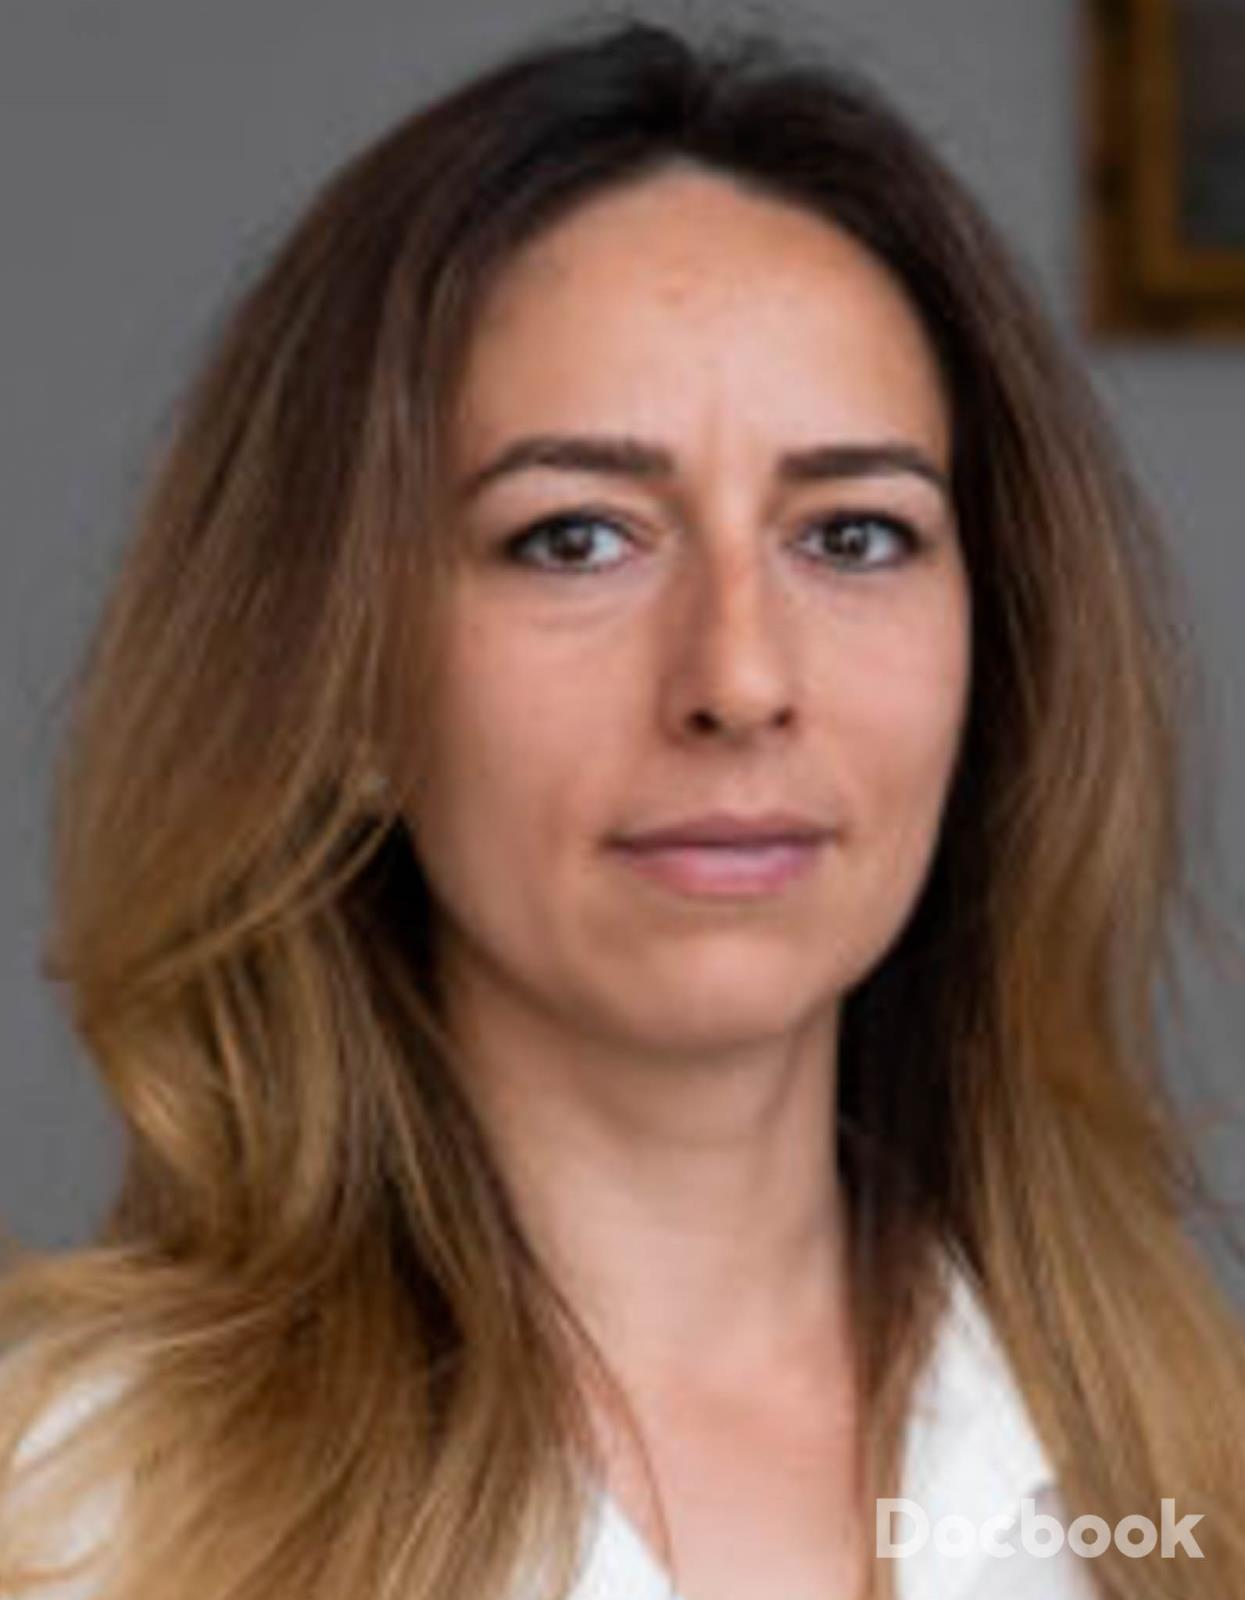 Ioana Claudia Capatana